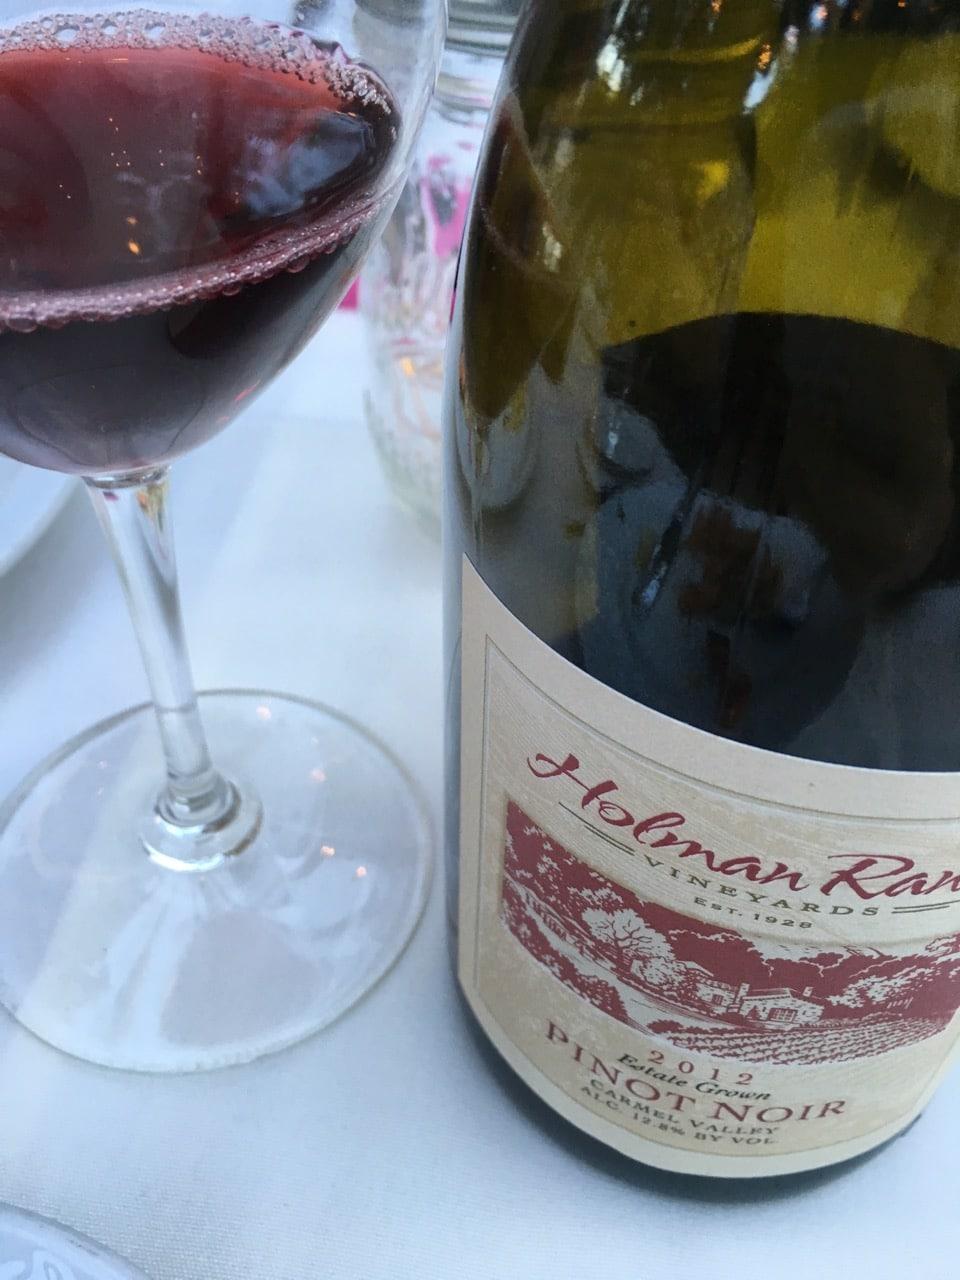 Holman Ranch Pinot Noir at Will's Fargo